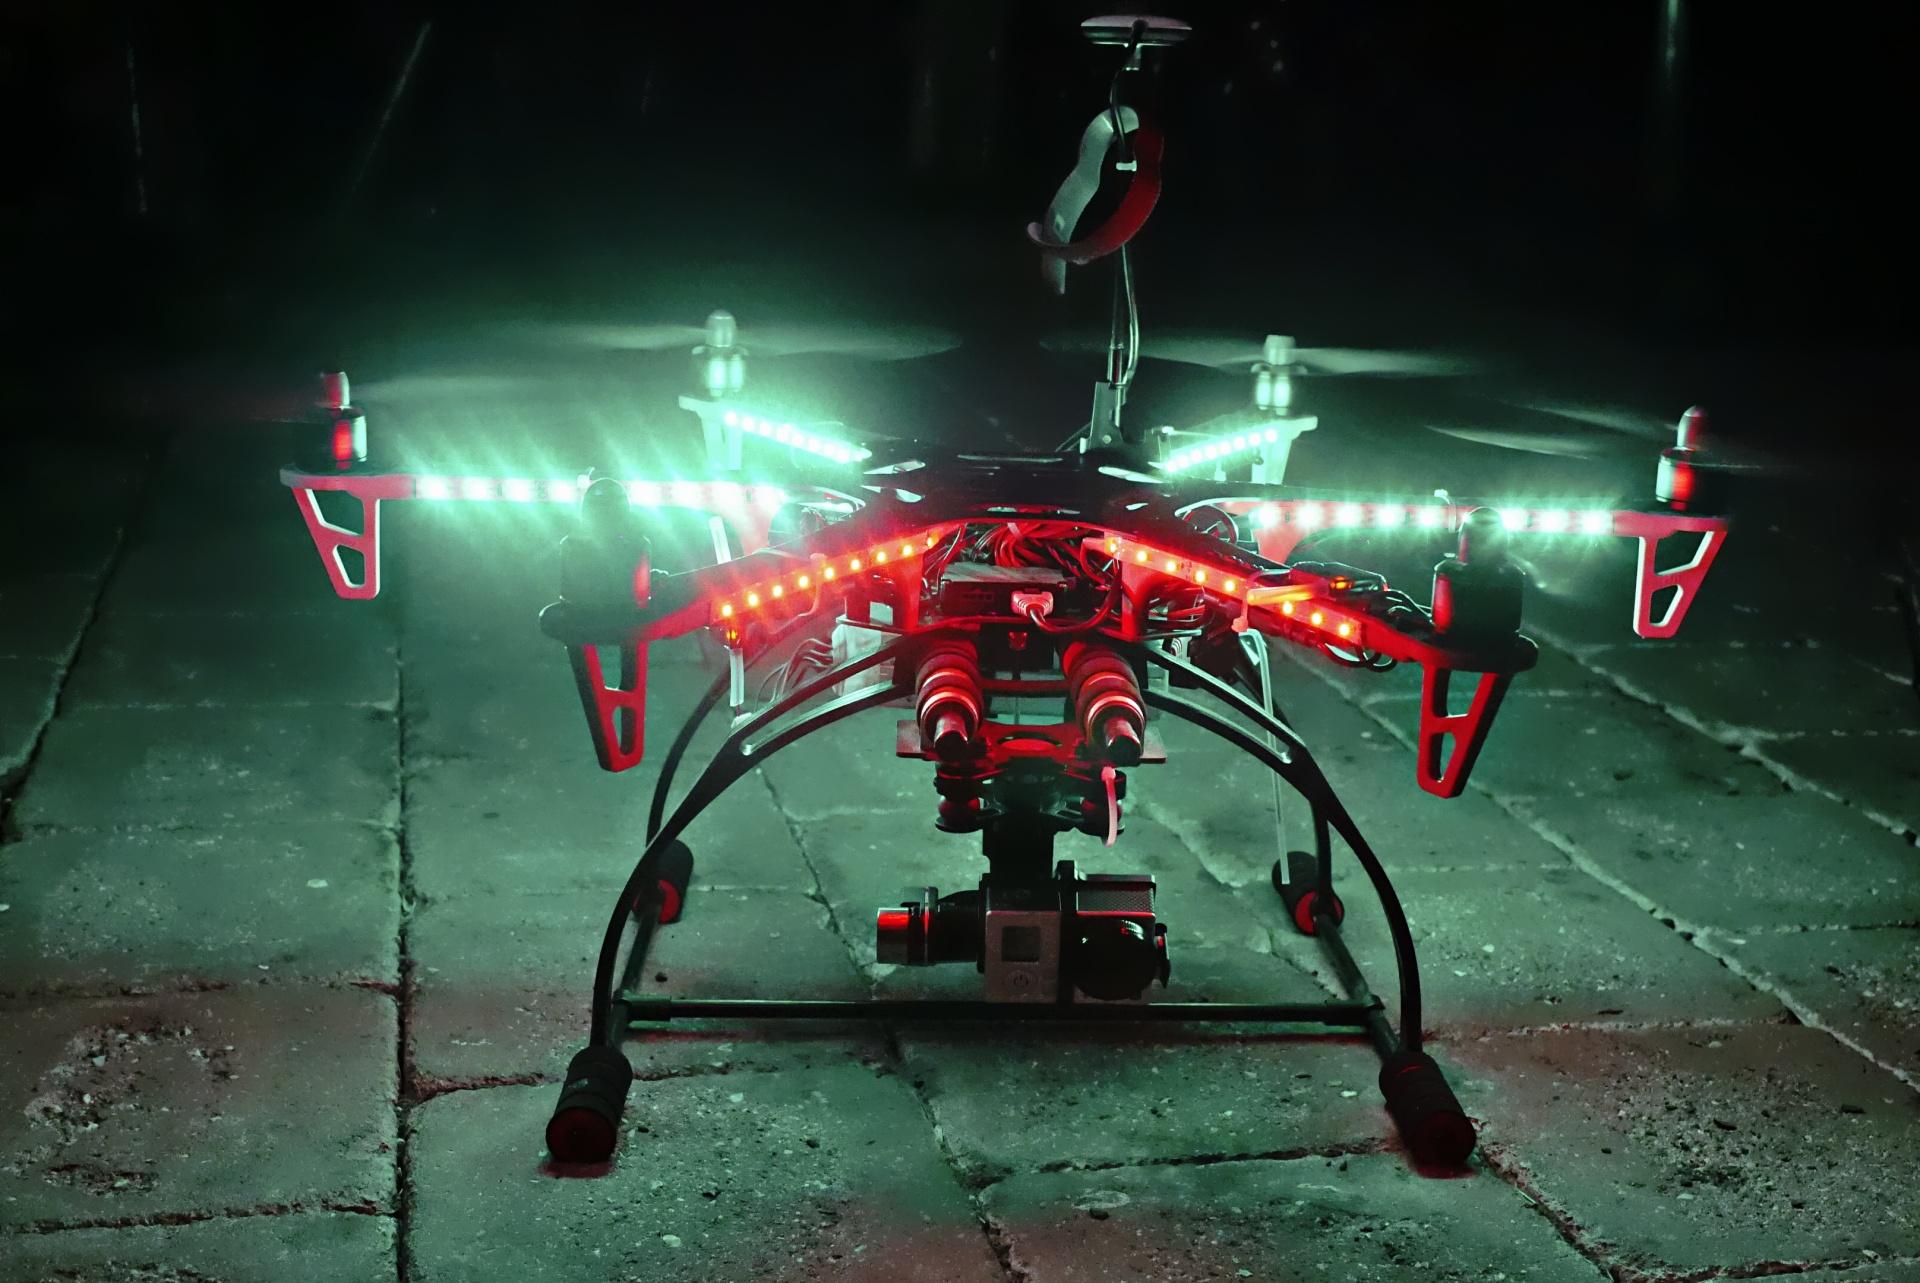 Drones, Surveillance